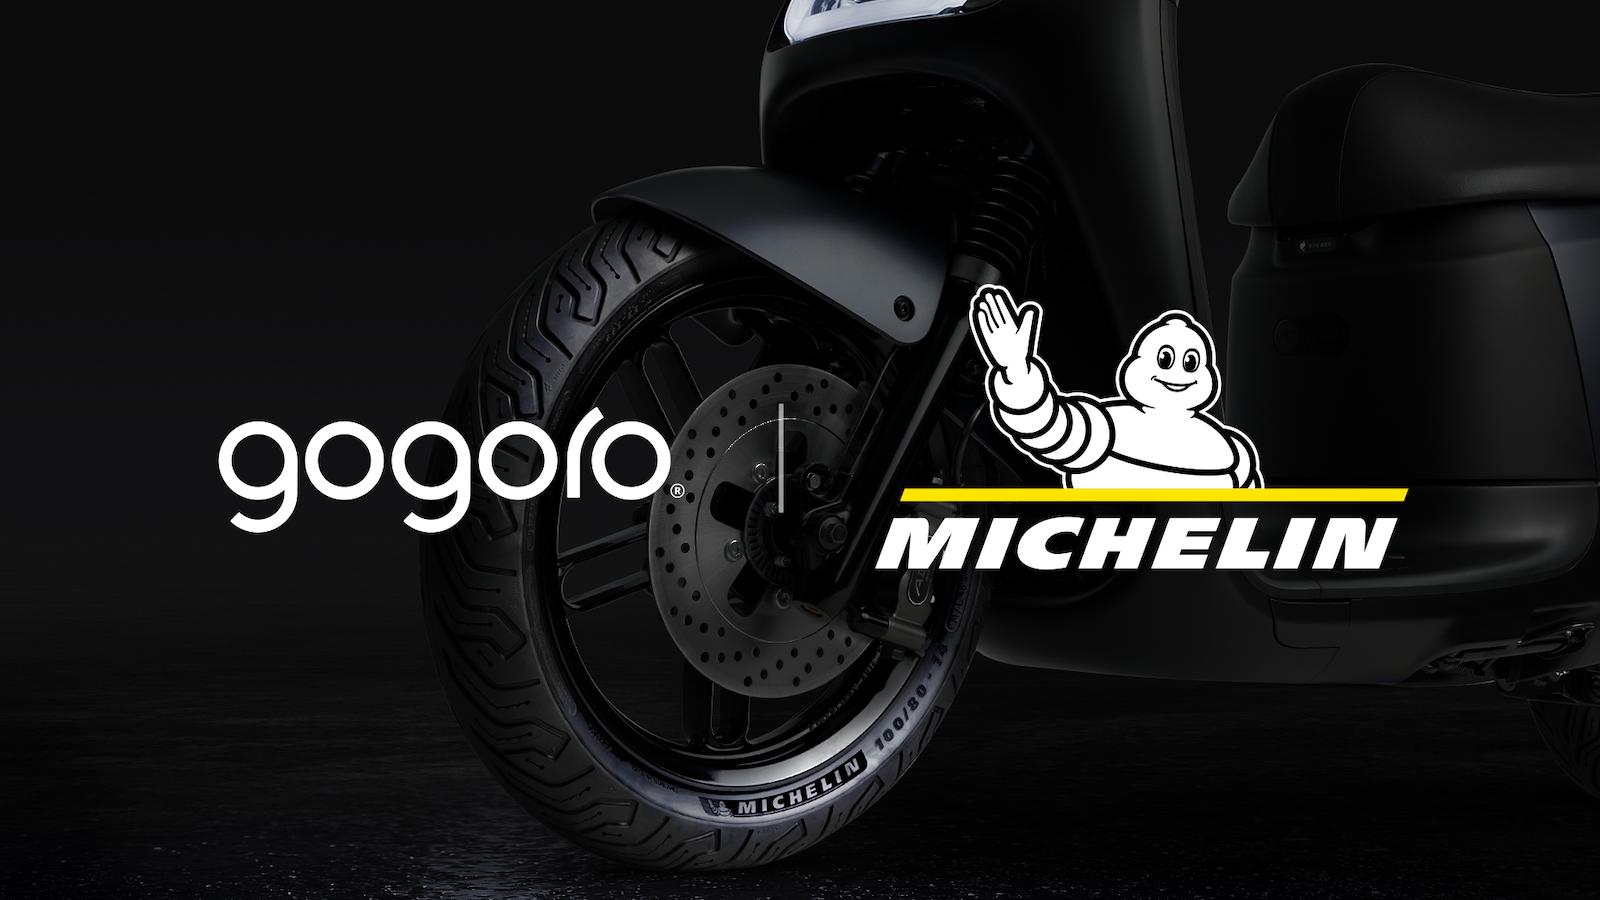 Gogoro 與米其林打造電動機車專胎,Gogoro S2 率先標配